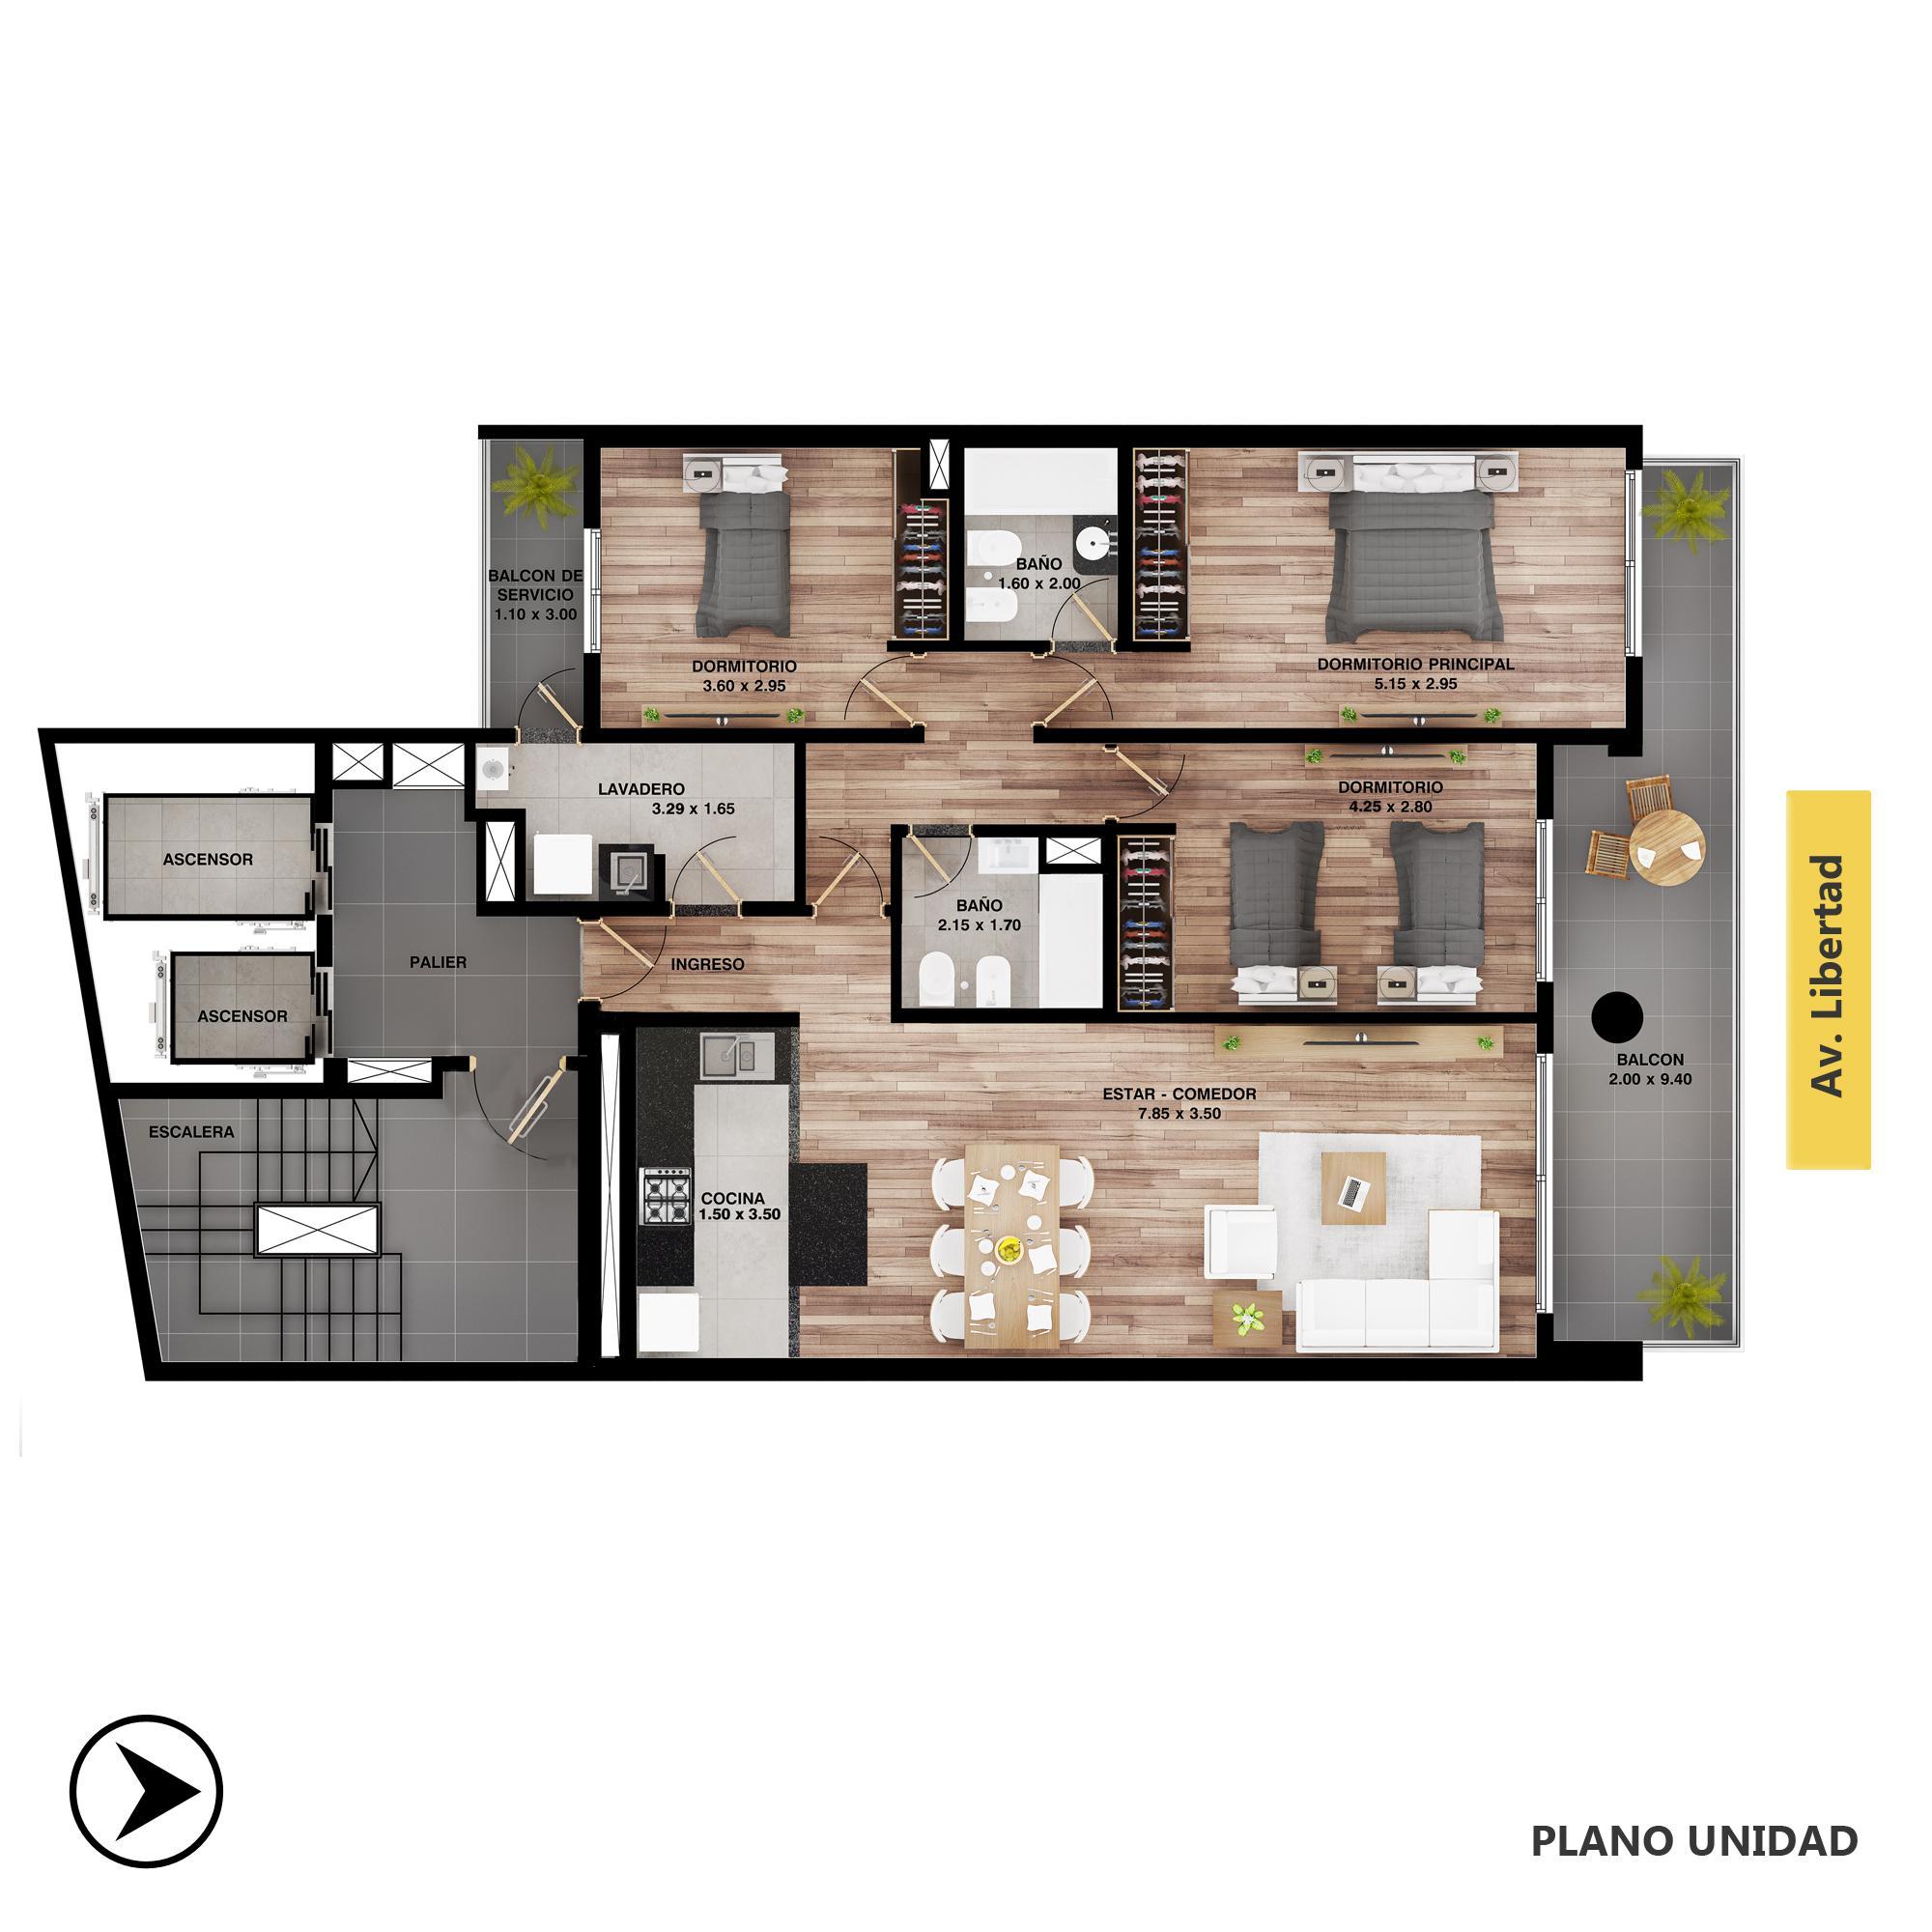 Venta departamento 3+ dormitorios Rosario, Centro. Cod CBU20816 AP2039397. Crestale Propiedades